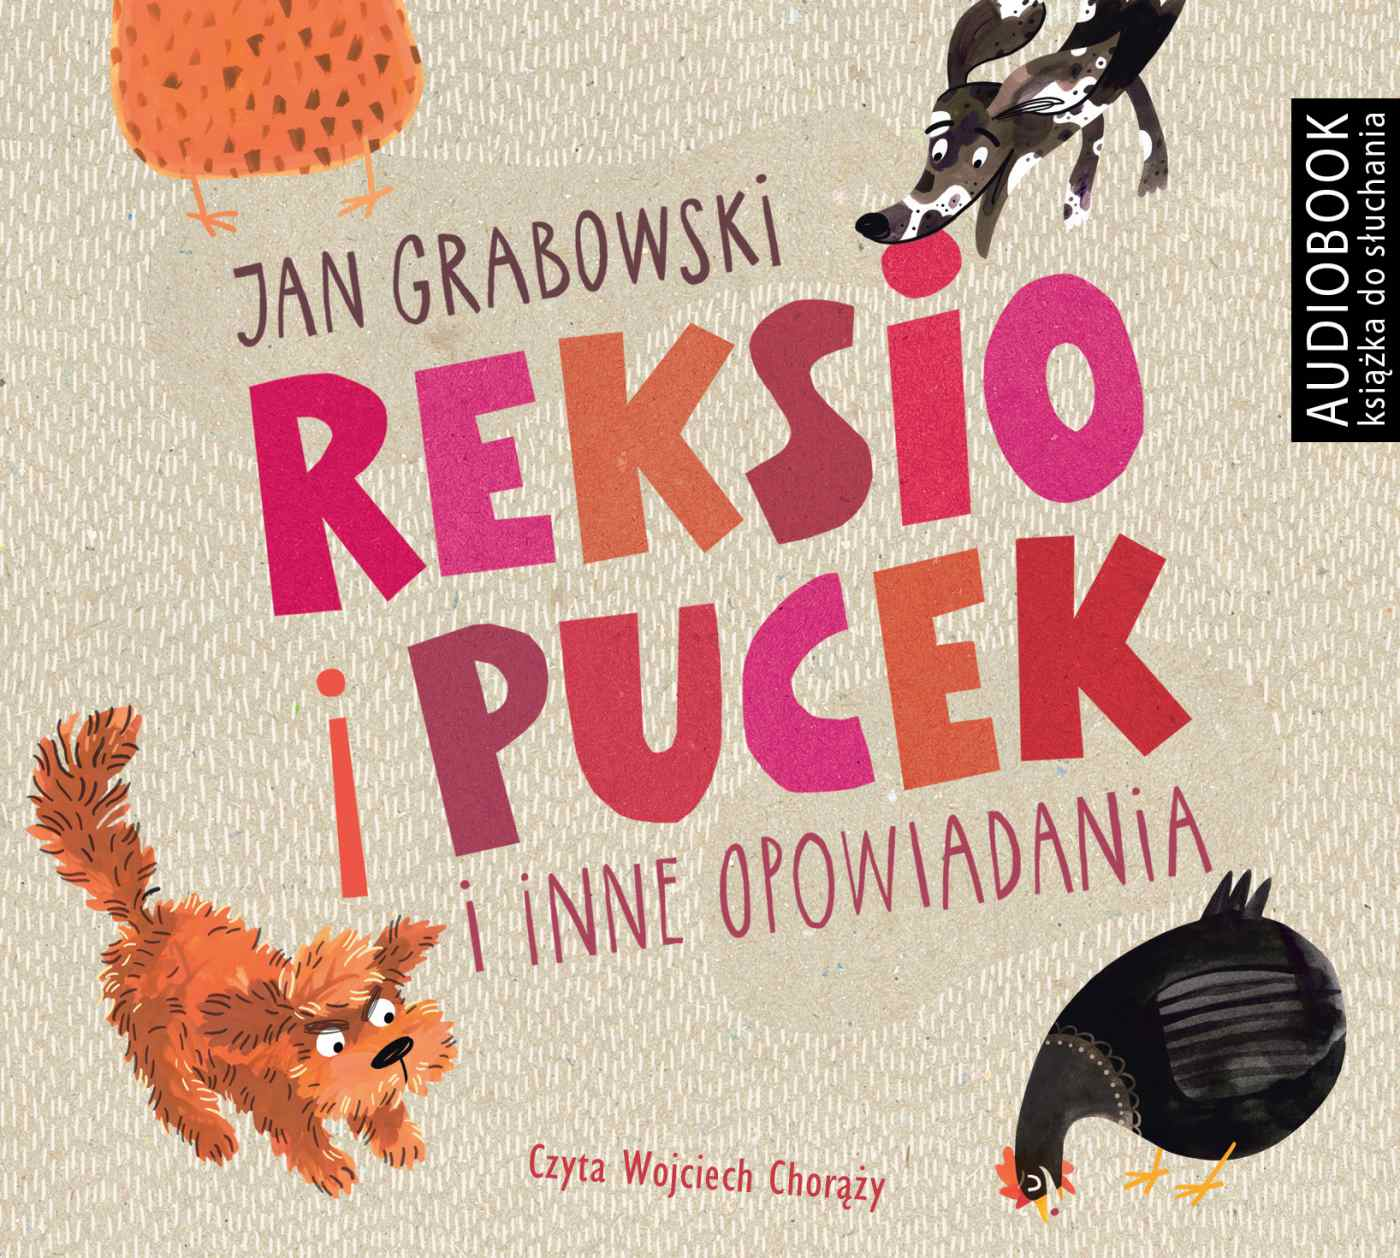 Reksio i Pucek i inne opowiadania - Audiobook (Książka audio MP3) do pobrania w całości w archiwum ZIP